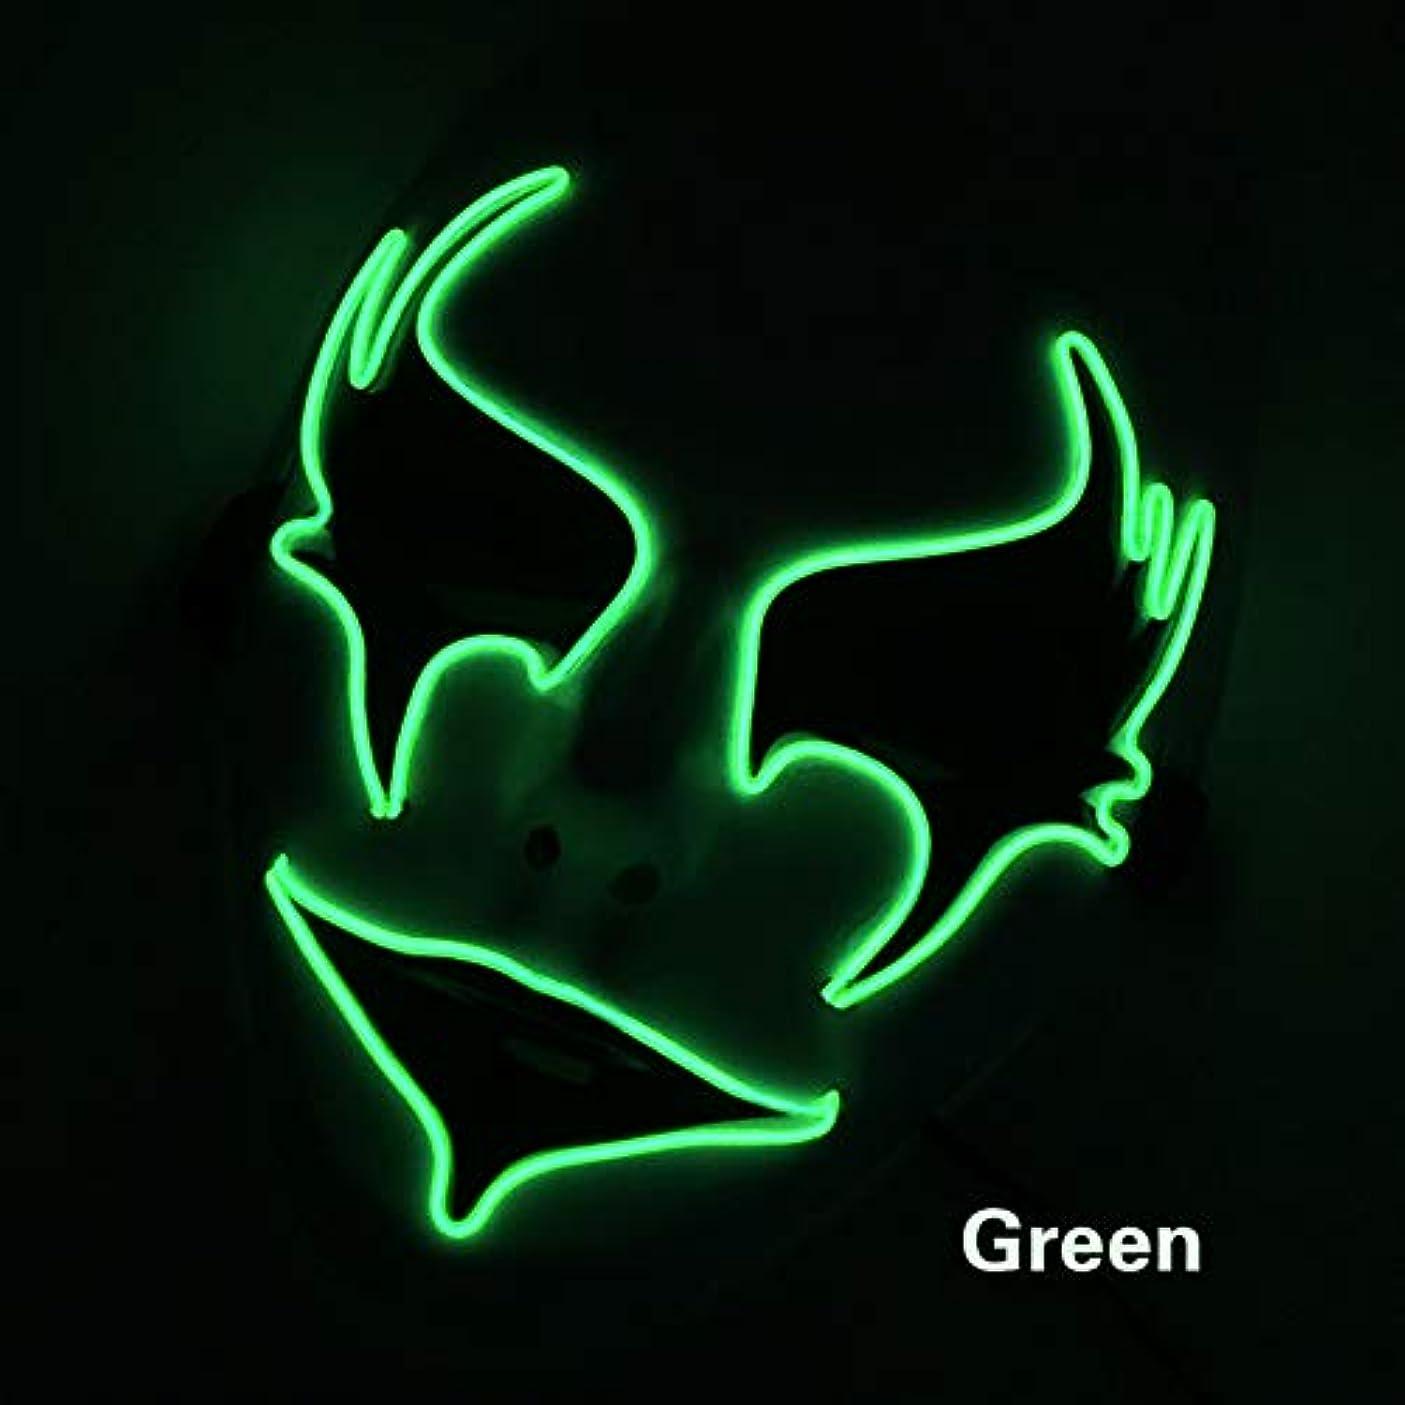 遺跡永久に尊敬手塗り ウォーターヒヤシンス イルミネーション LED ハロウィン マスク 2個 EL ワイヤー コスプレ フェスティバル 化粧 パーティー マスク (18×18Cm) MAG.AL